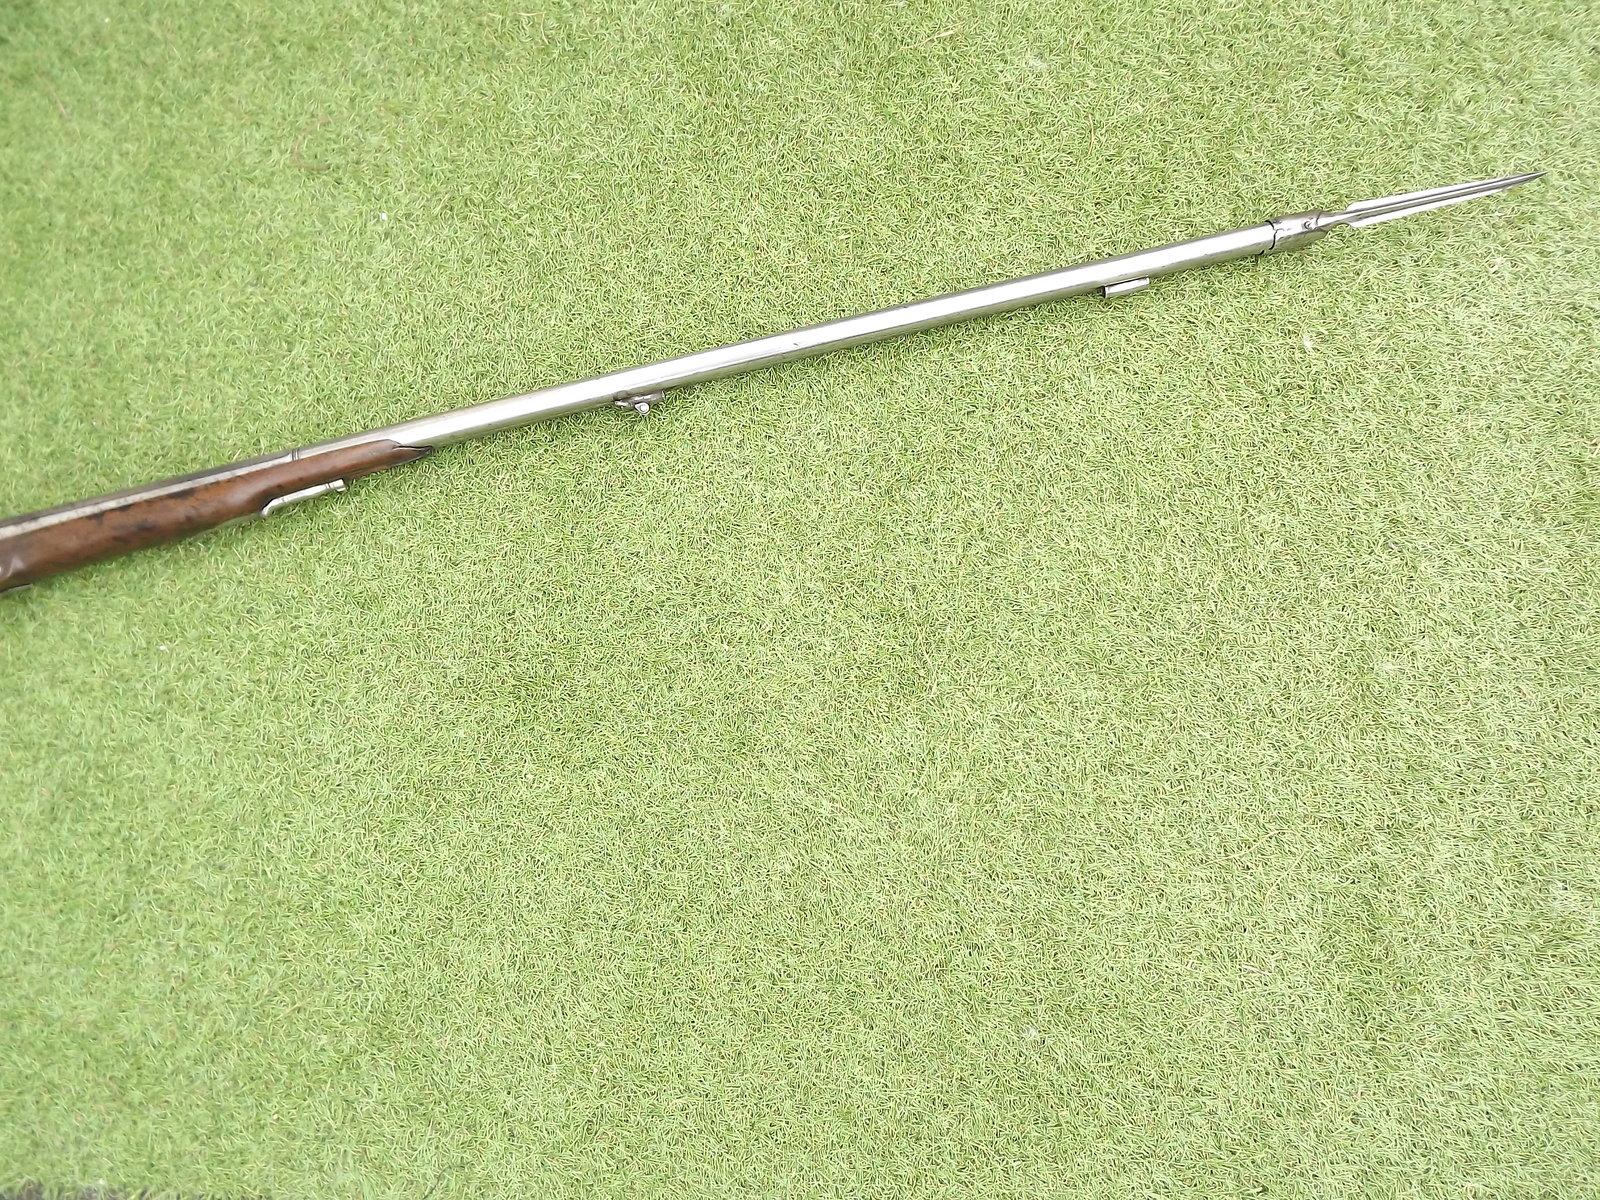 Fusil type Voltigeur 200920111654746501